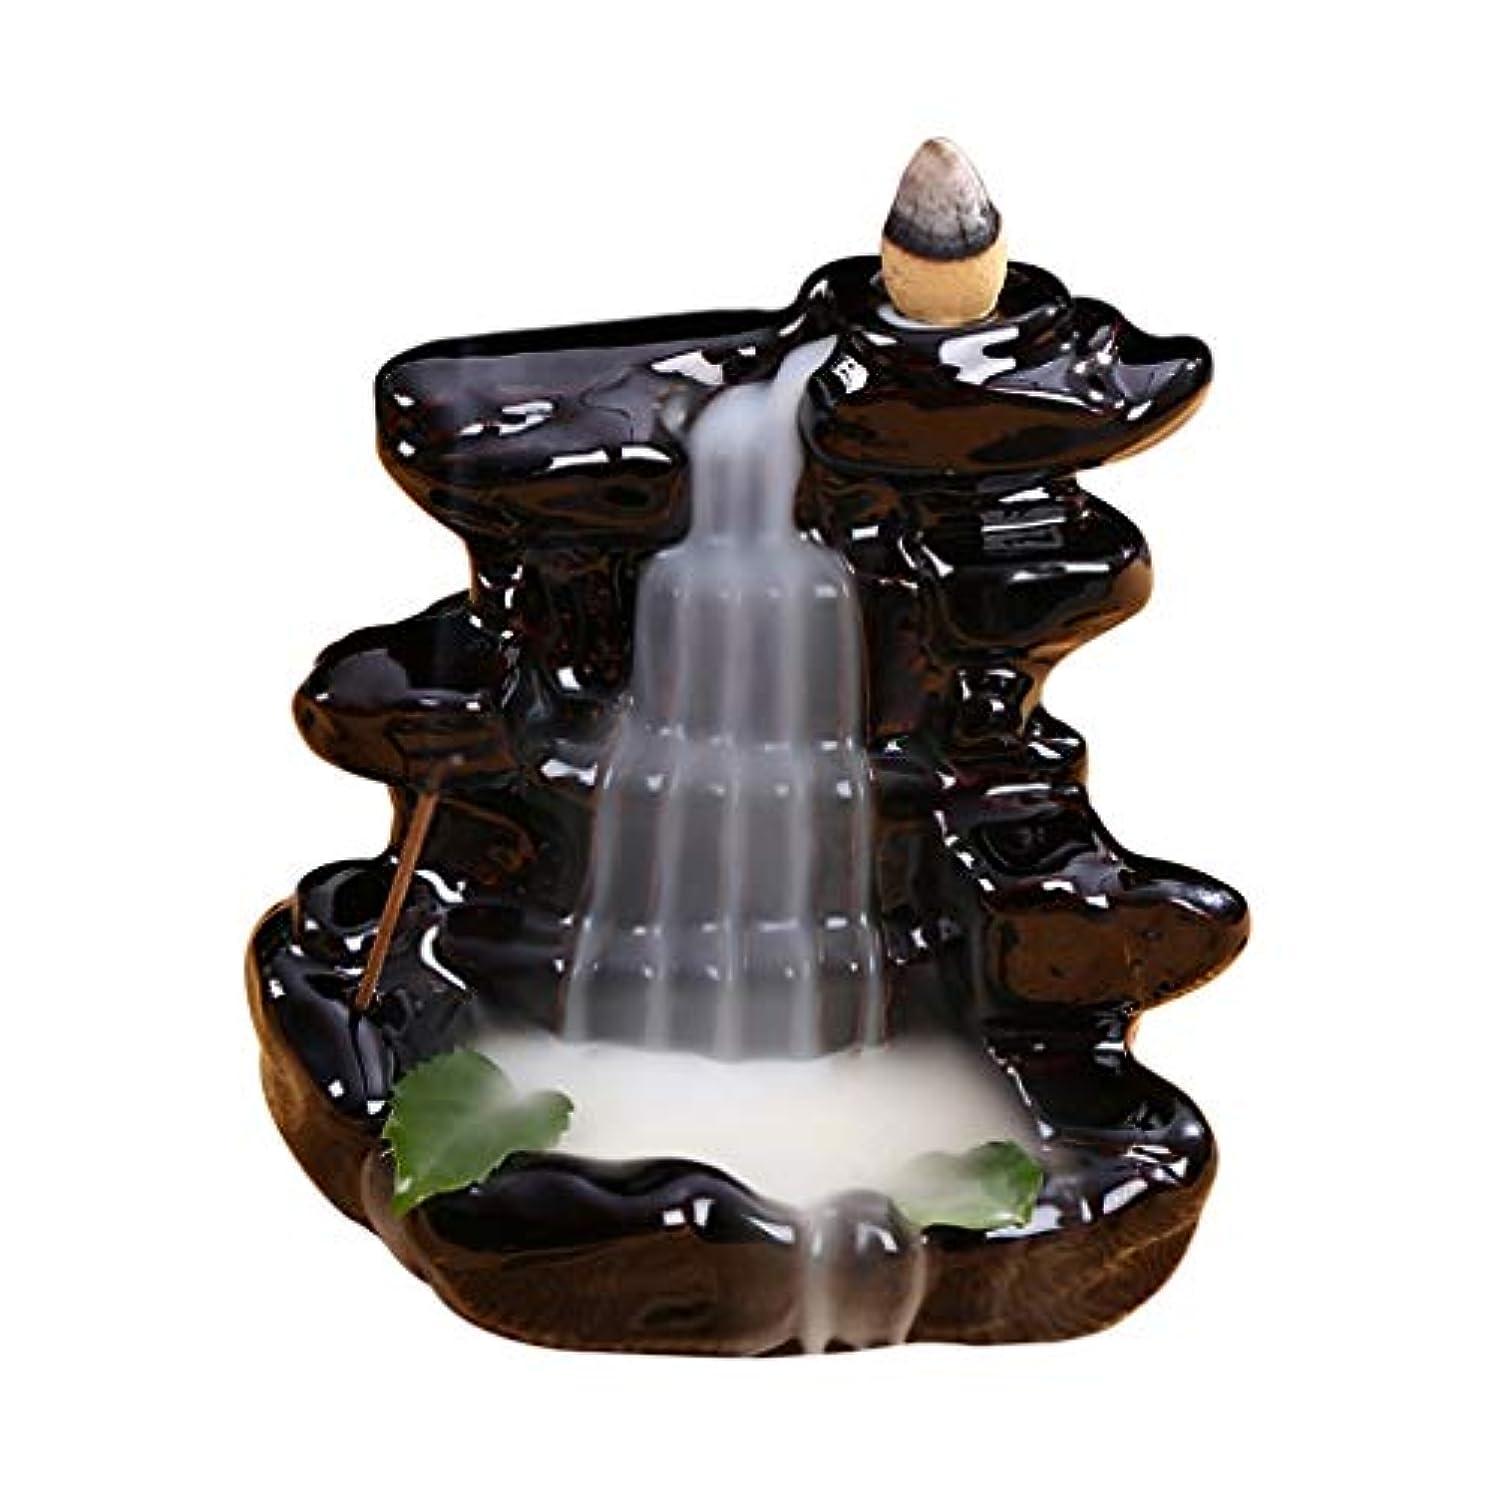 出費メダル曲クリエイティブ家の装飾逆流スティック香バーナーセラミック香炉家の装飾使用家茶屋滝香ホルダー (Color : Black, サイズ : 4.33*4.44 inches)